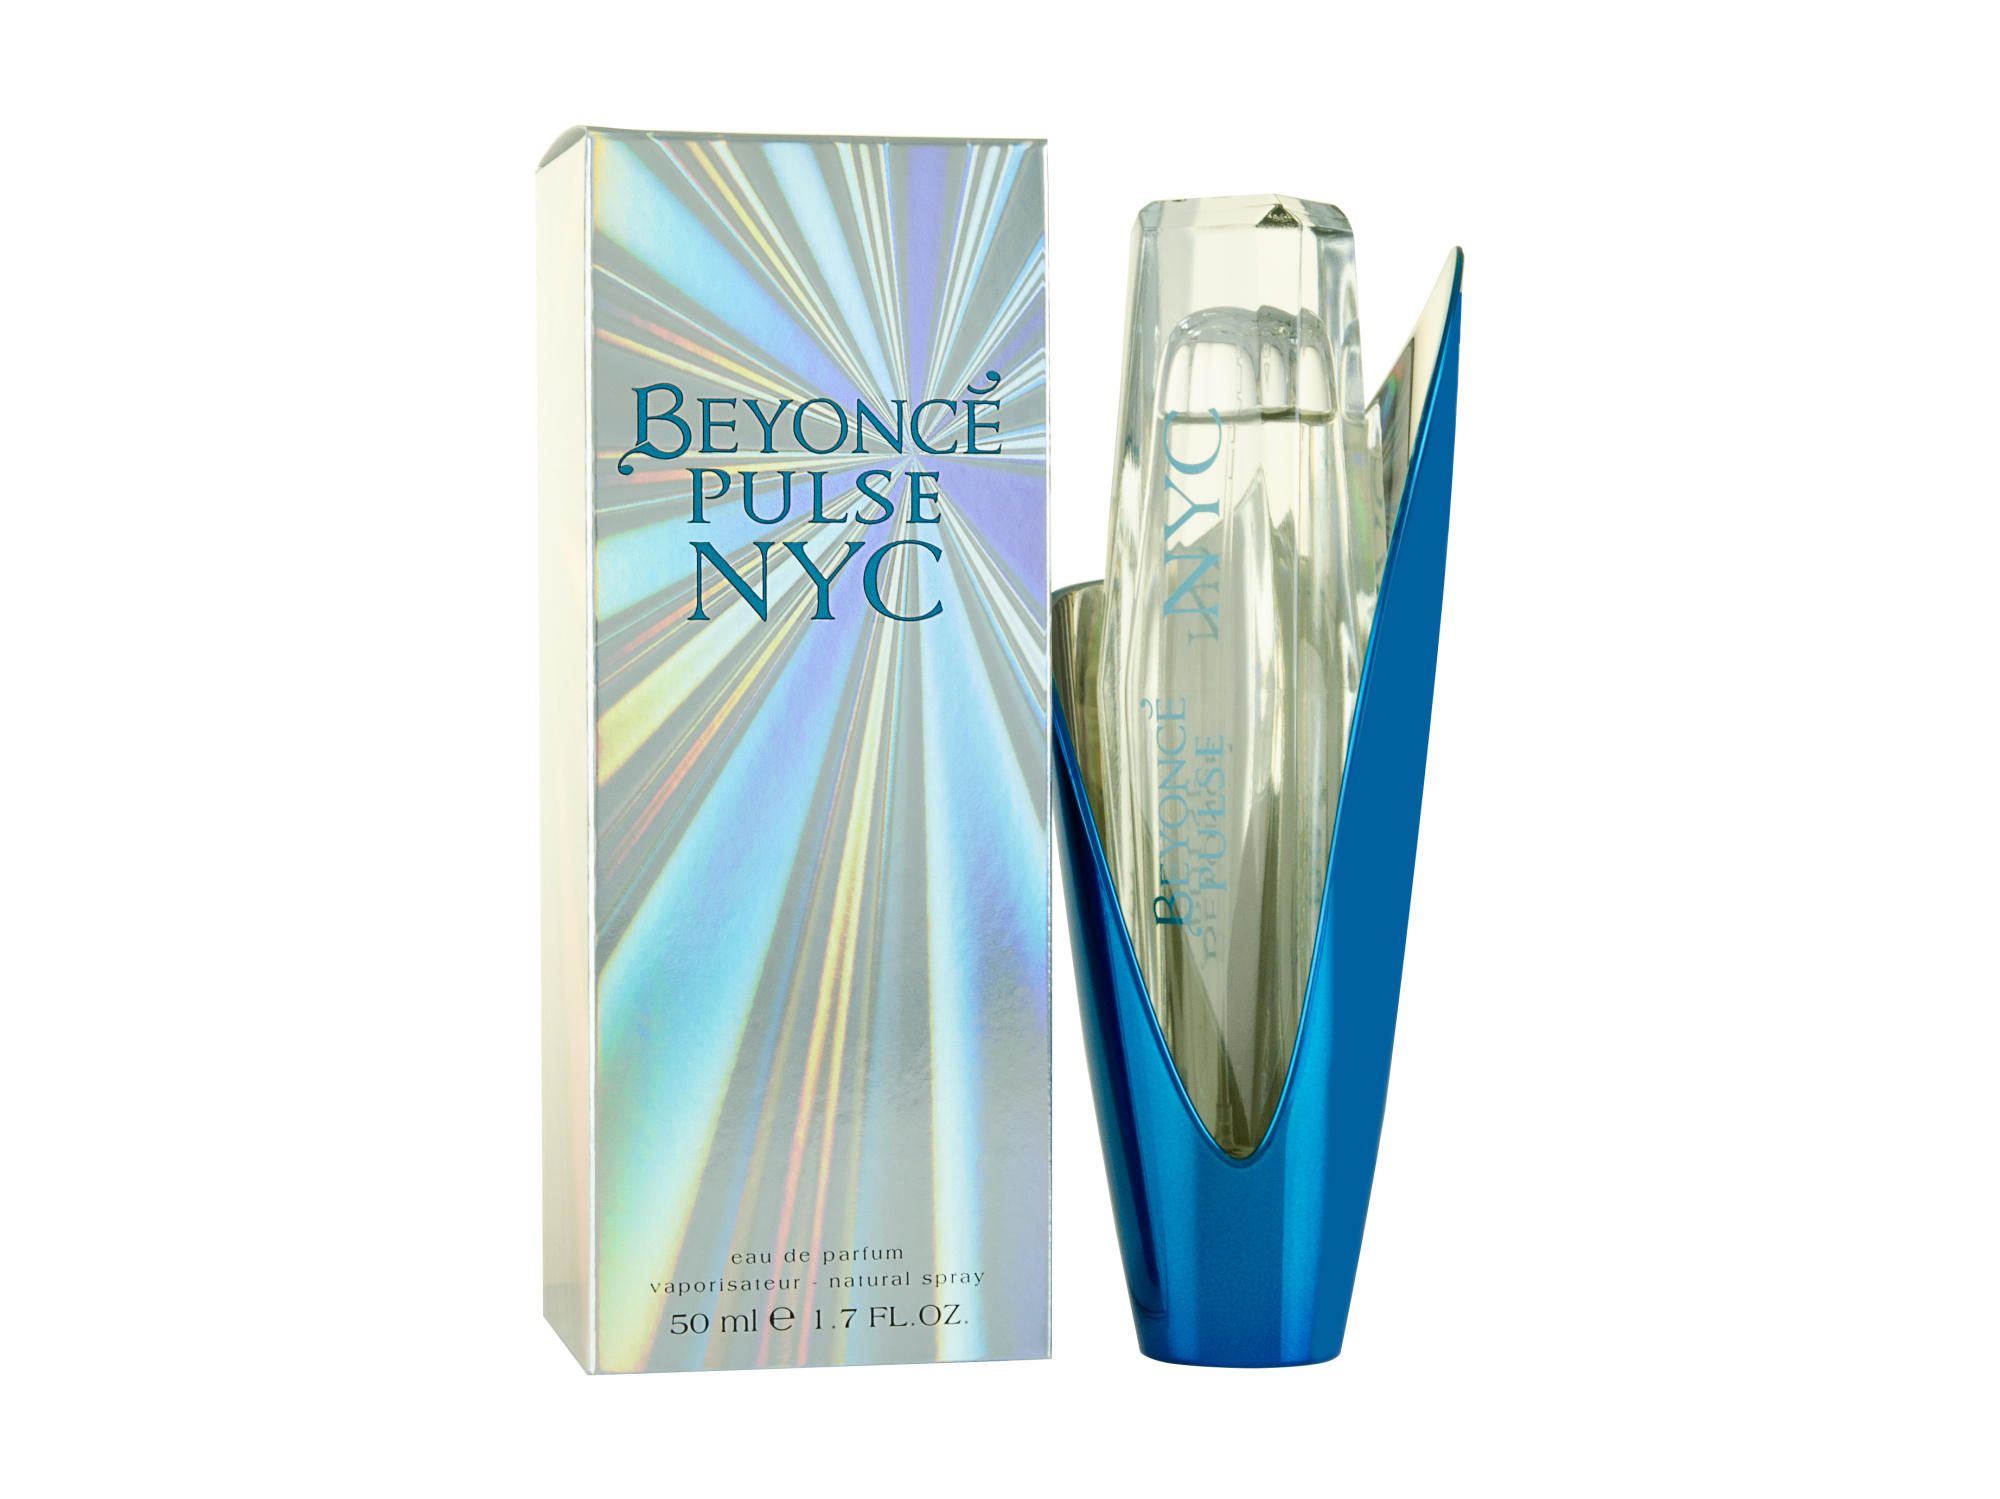 Beyonce Pulse Nyc Eau De Parfum Spray